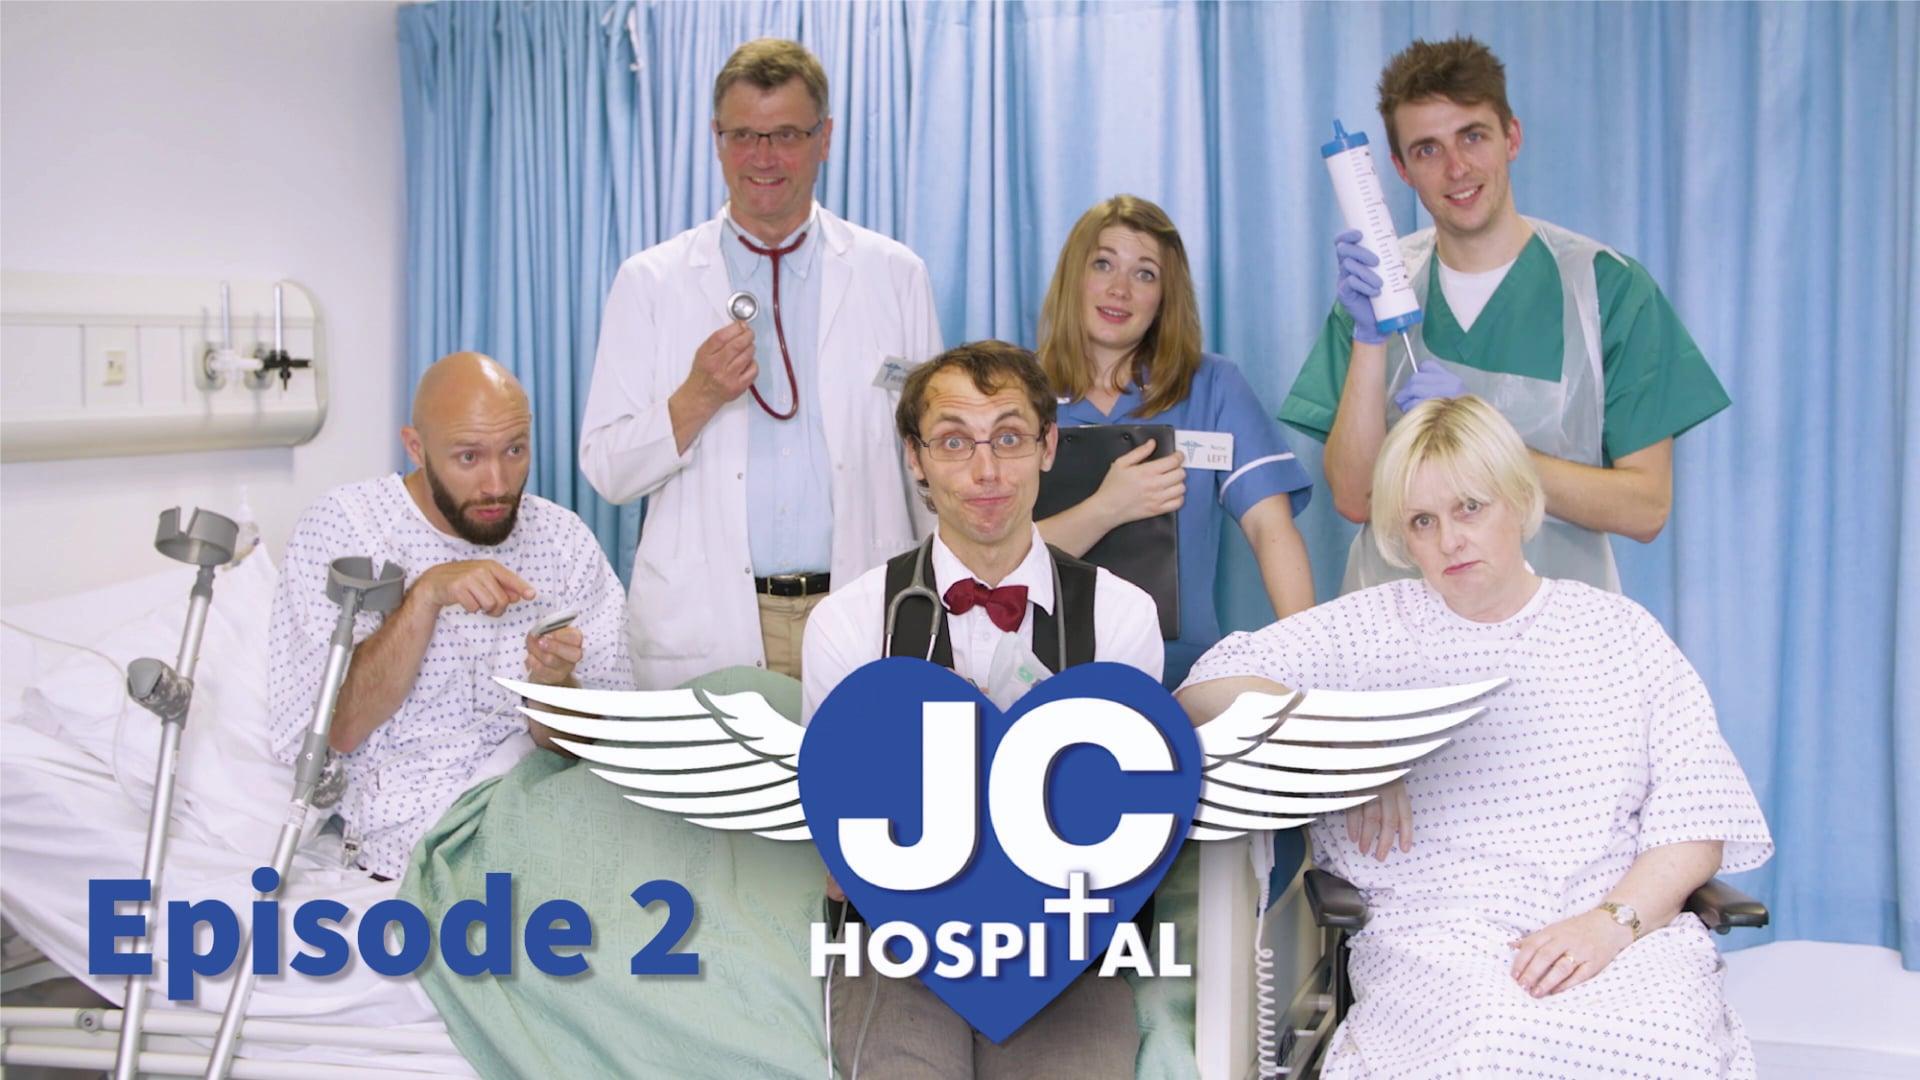 JC Hospital: Episode 2